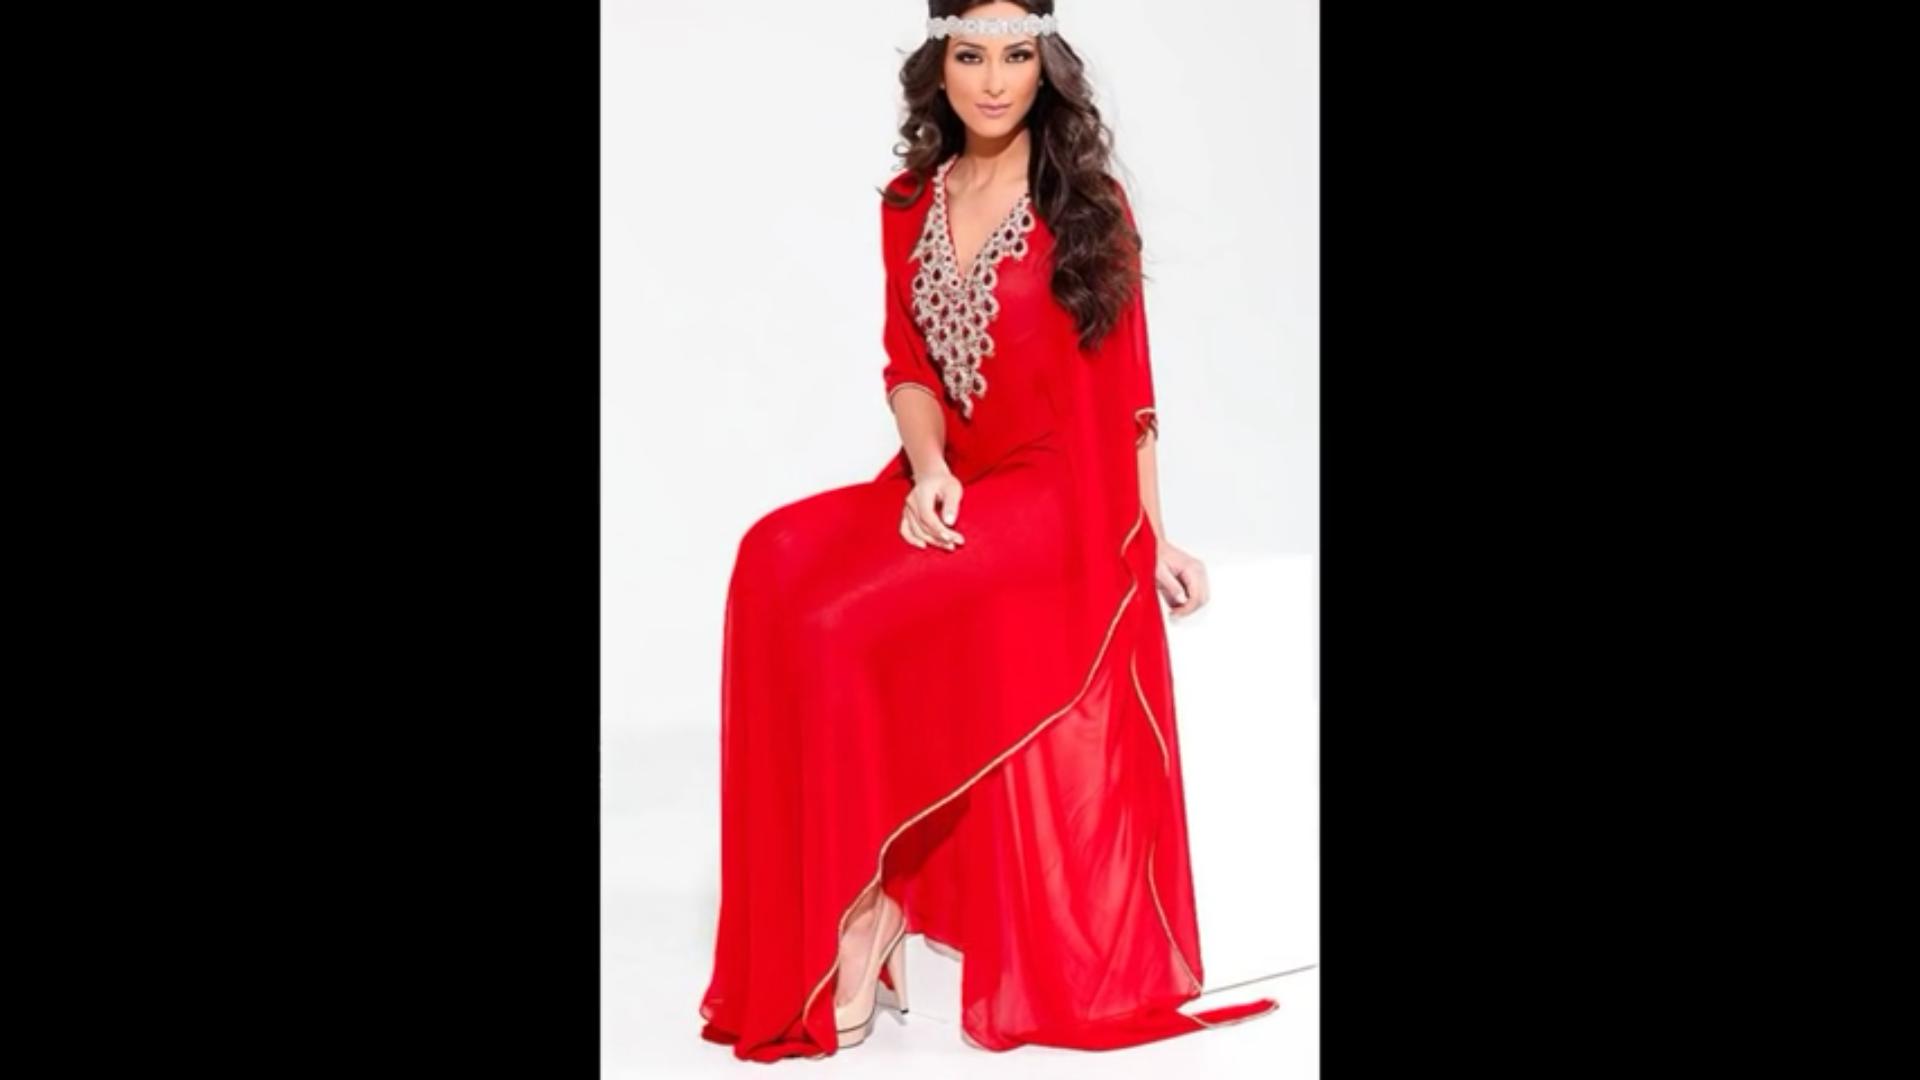 صورة عبايات مغربية , المغرب وملابسه الجميله